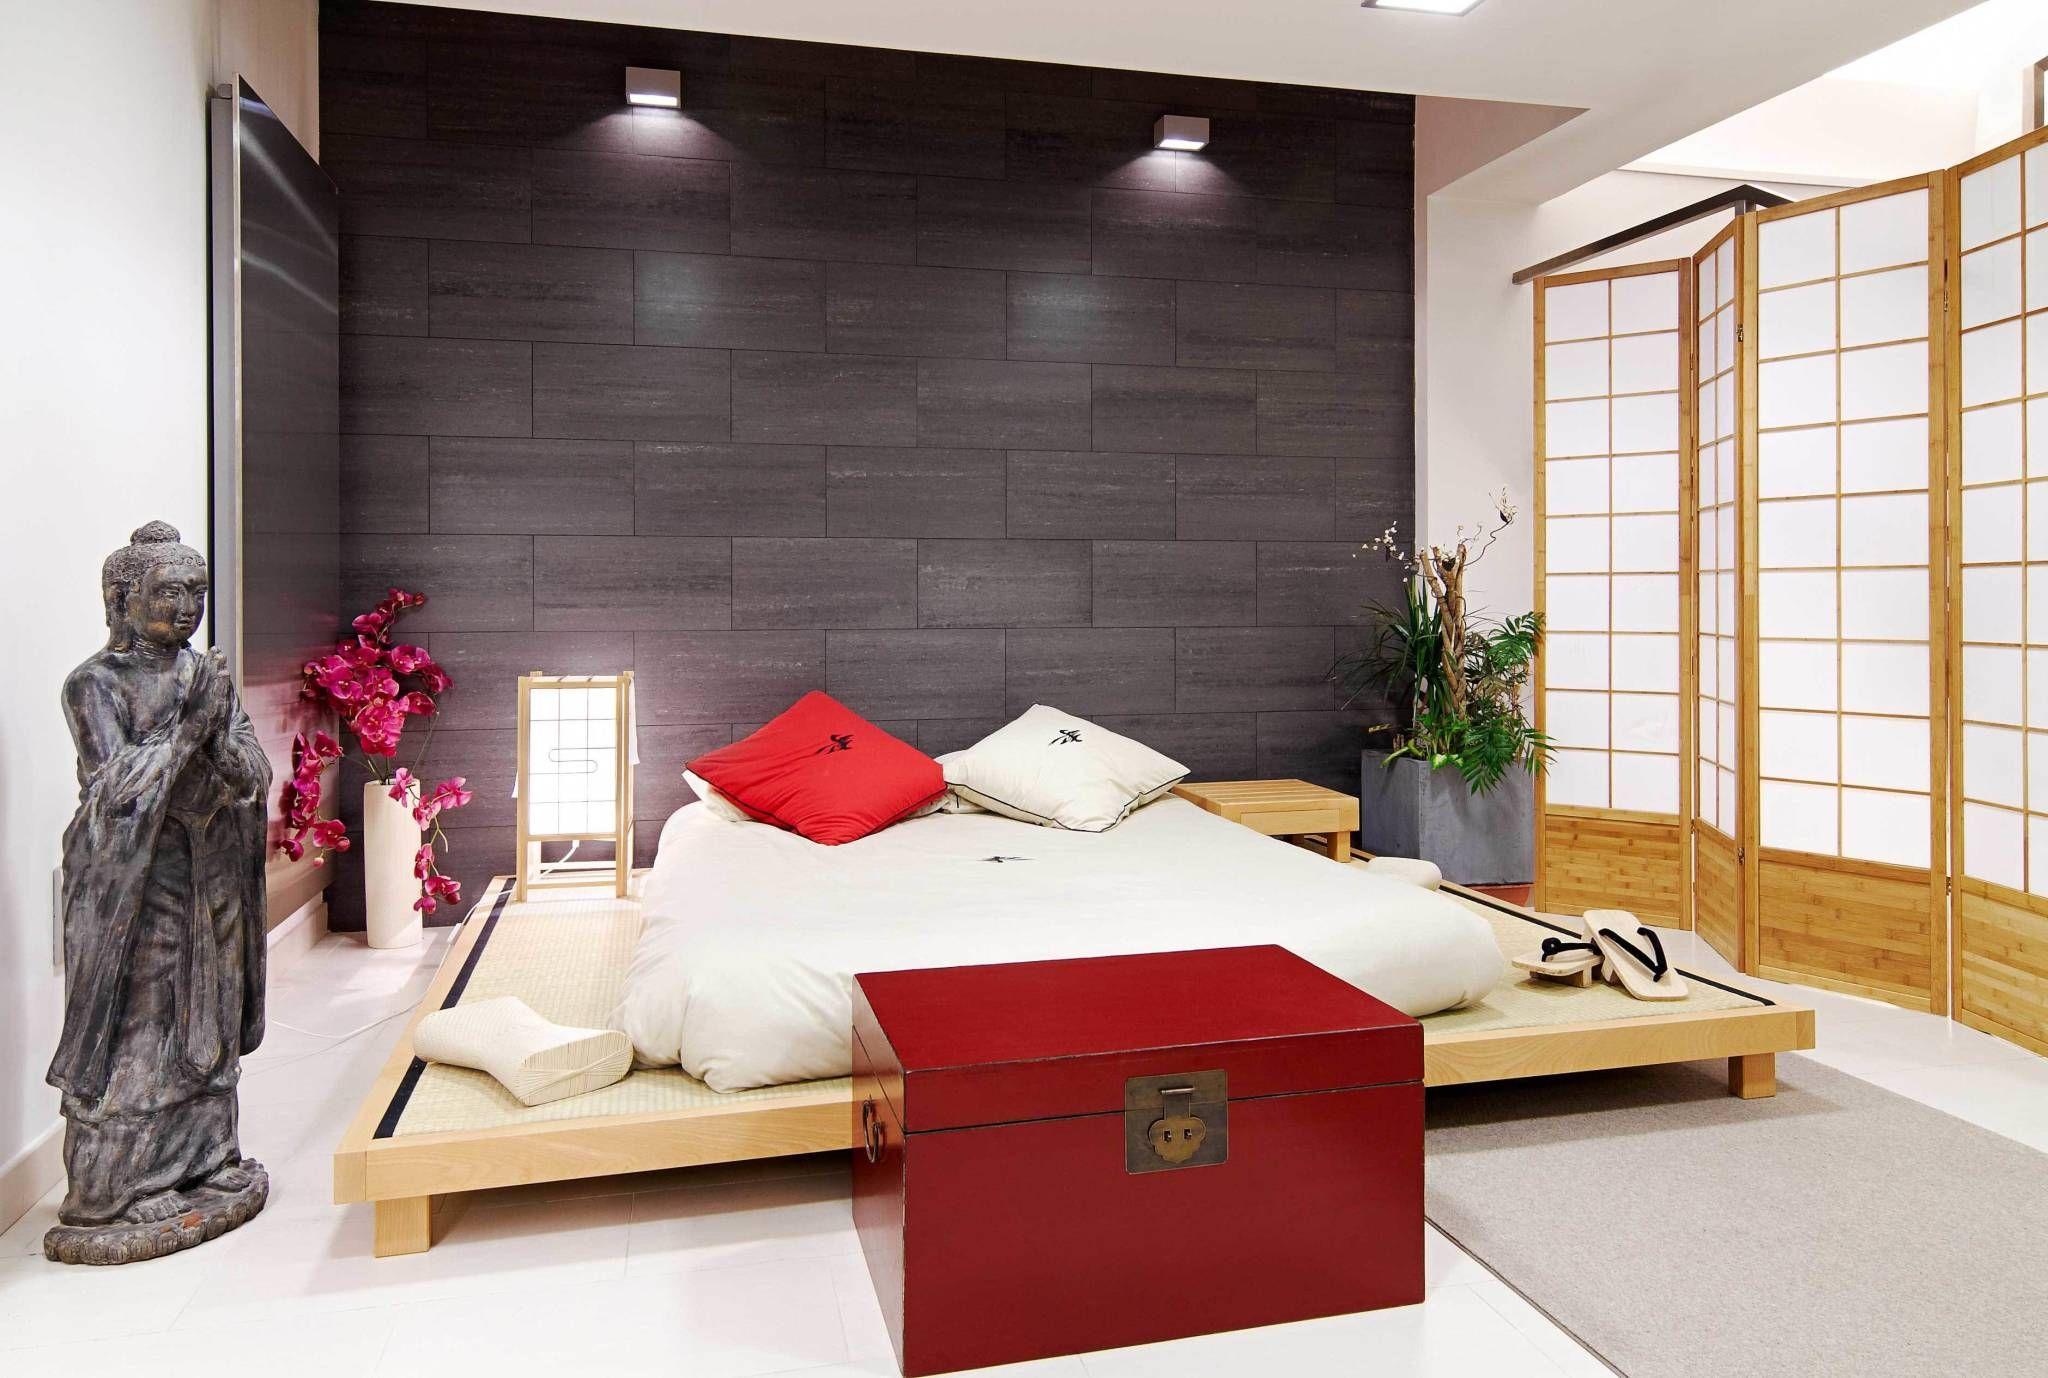 Fotos de Decoración y Diseño de Interiores | Asian style bedrooms ...